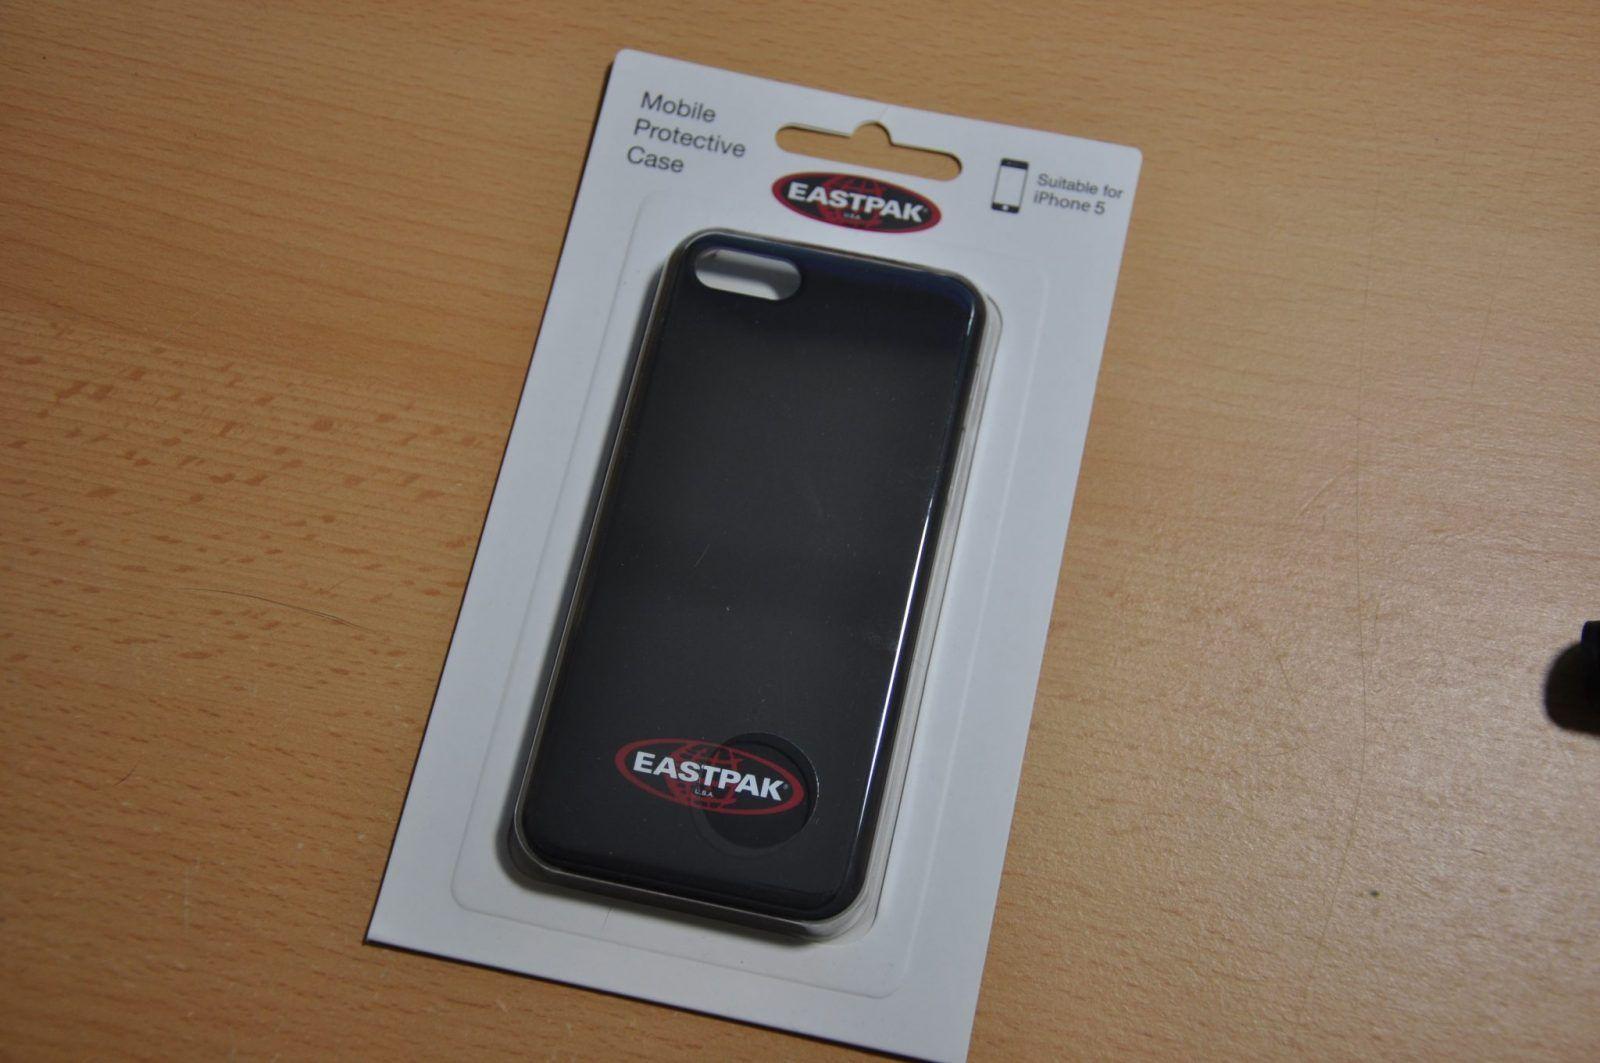 Telecom Lifestyle Fashion stworzyło etui dla iPhone'a z logo EASTPAK. Dostaliśmy jedno do recenzji.